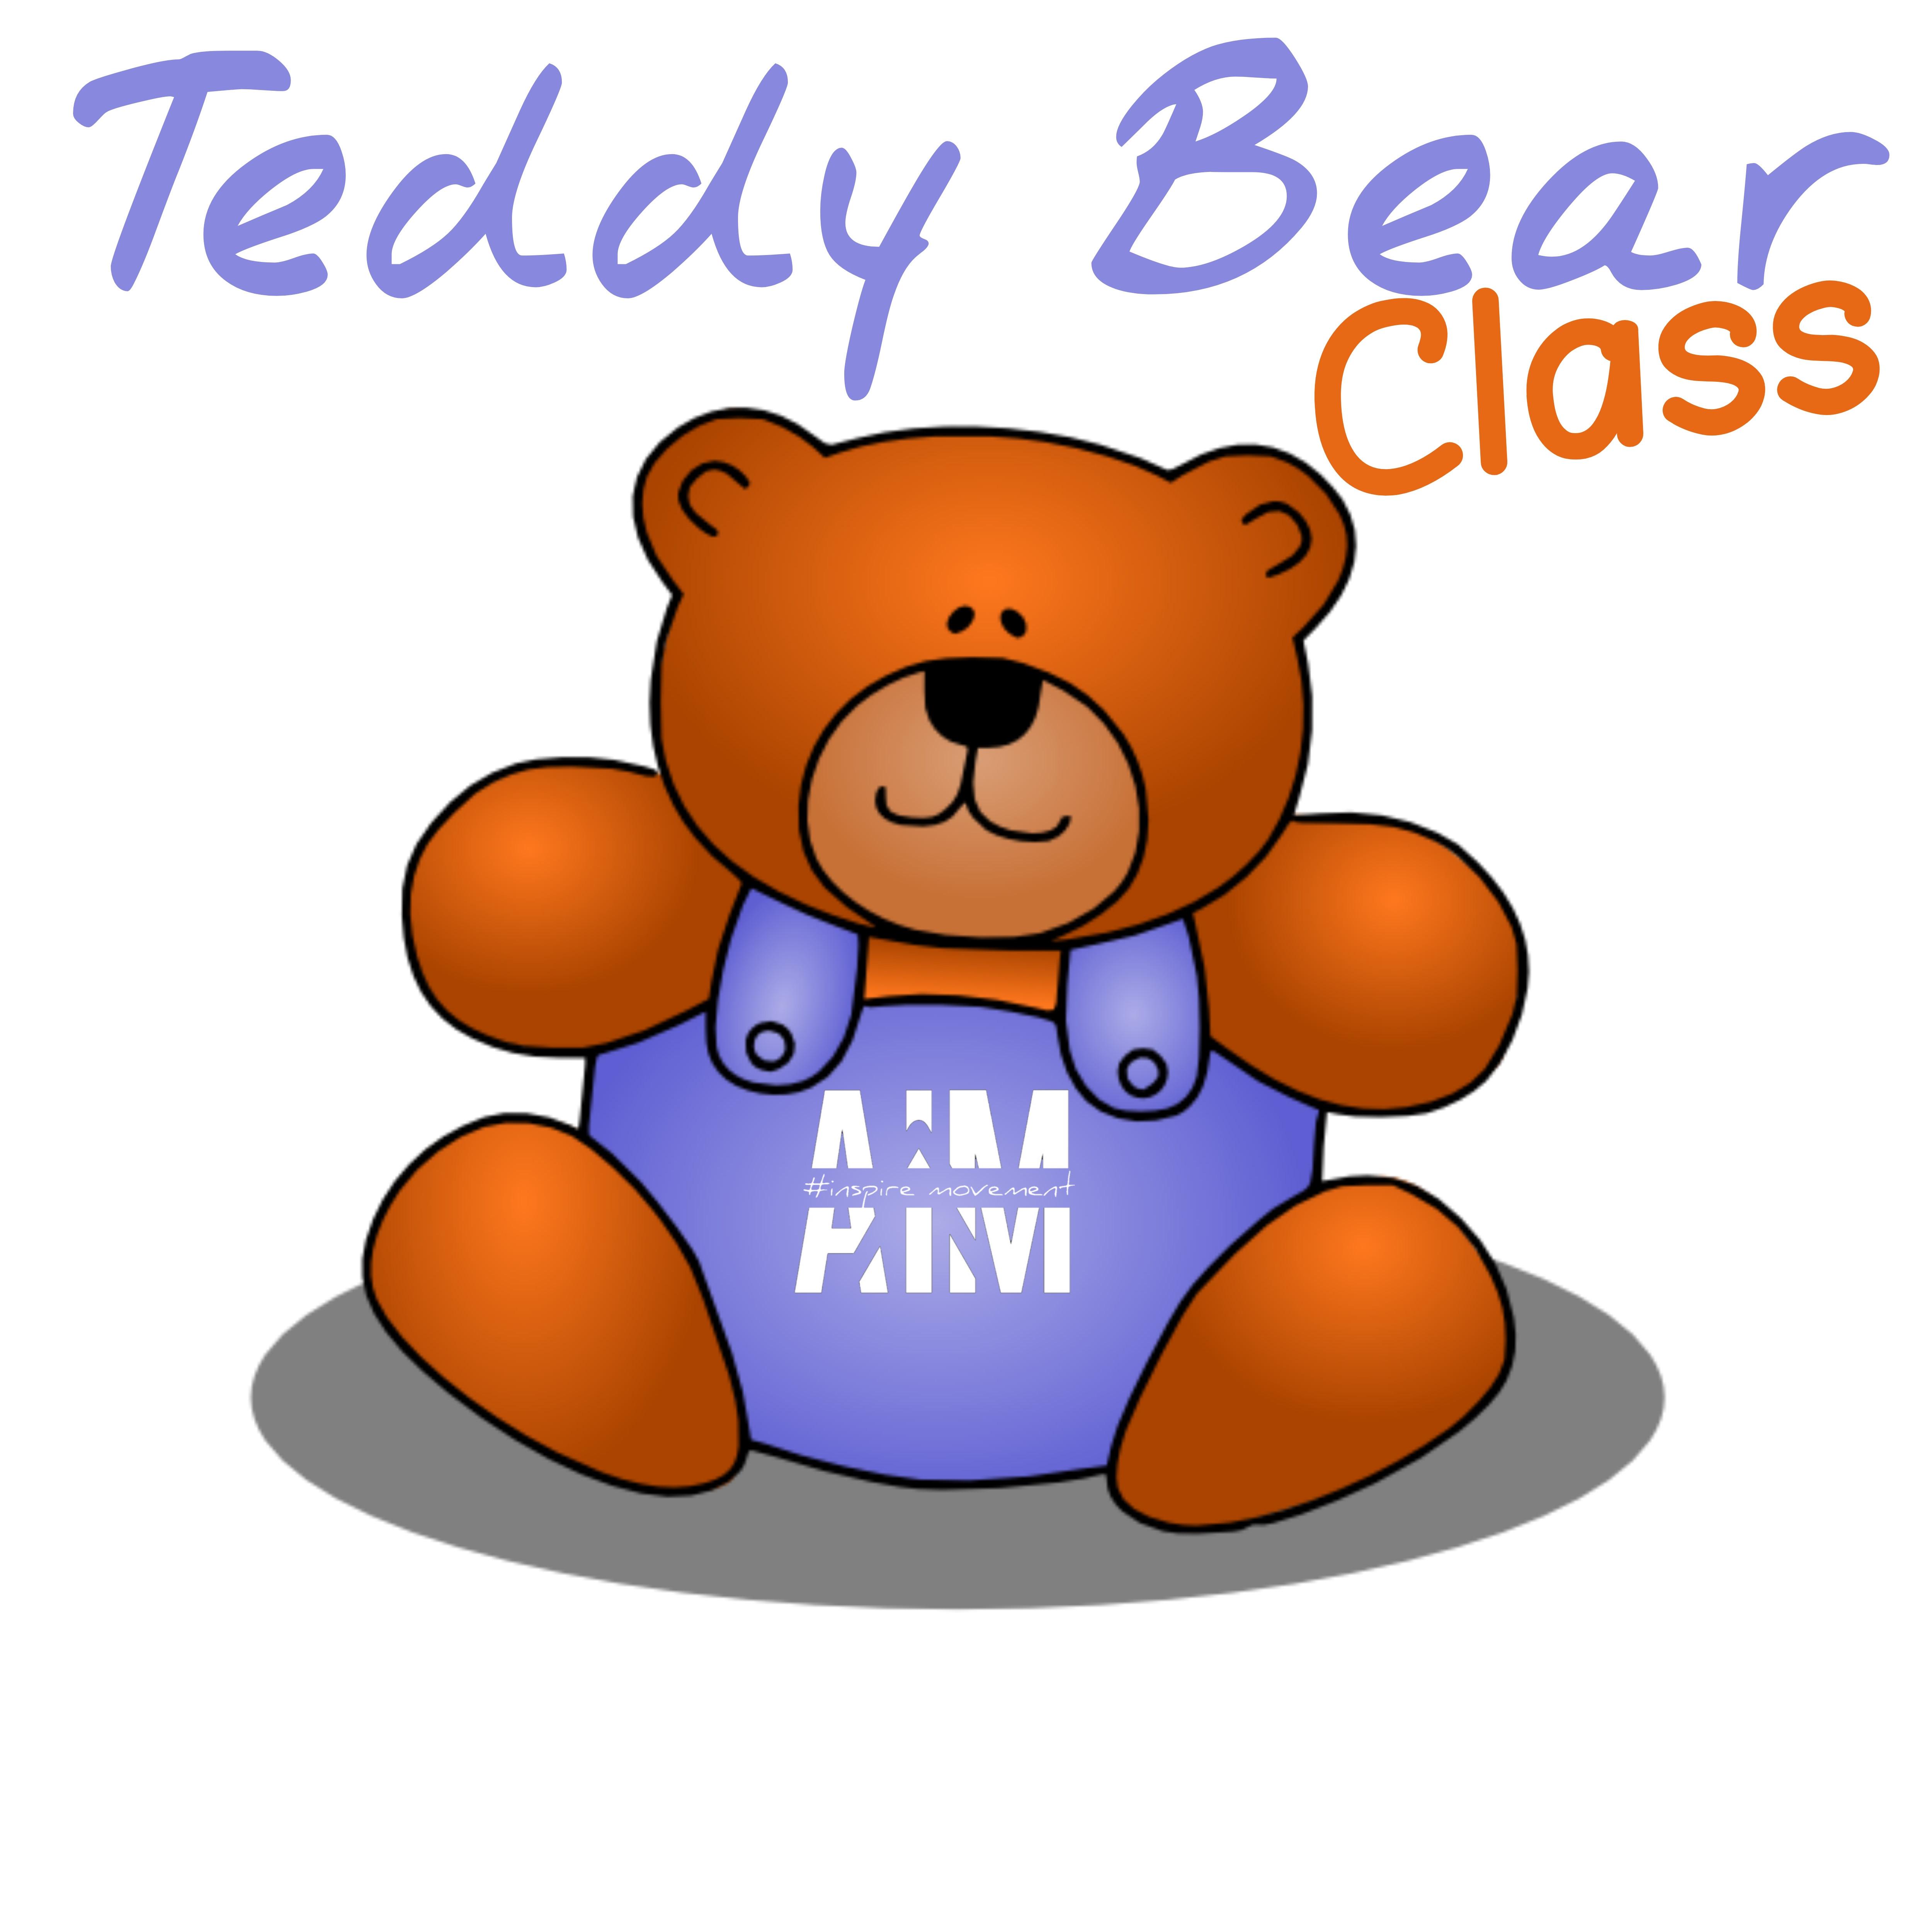 Teddy Bear Class